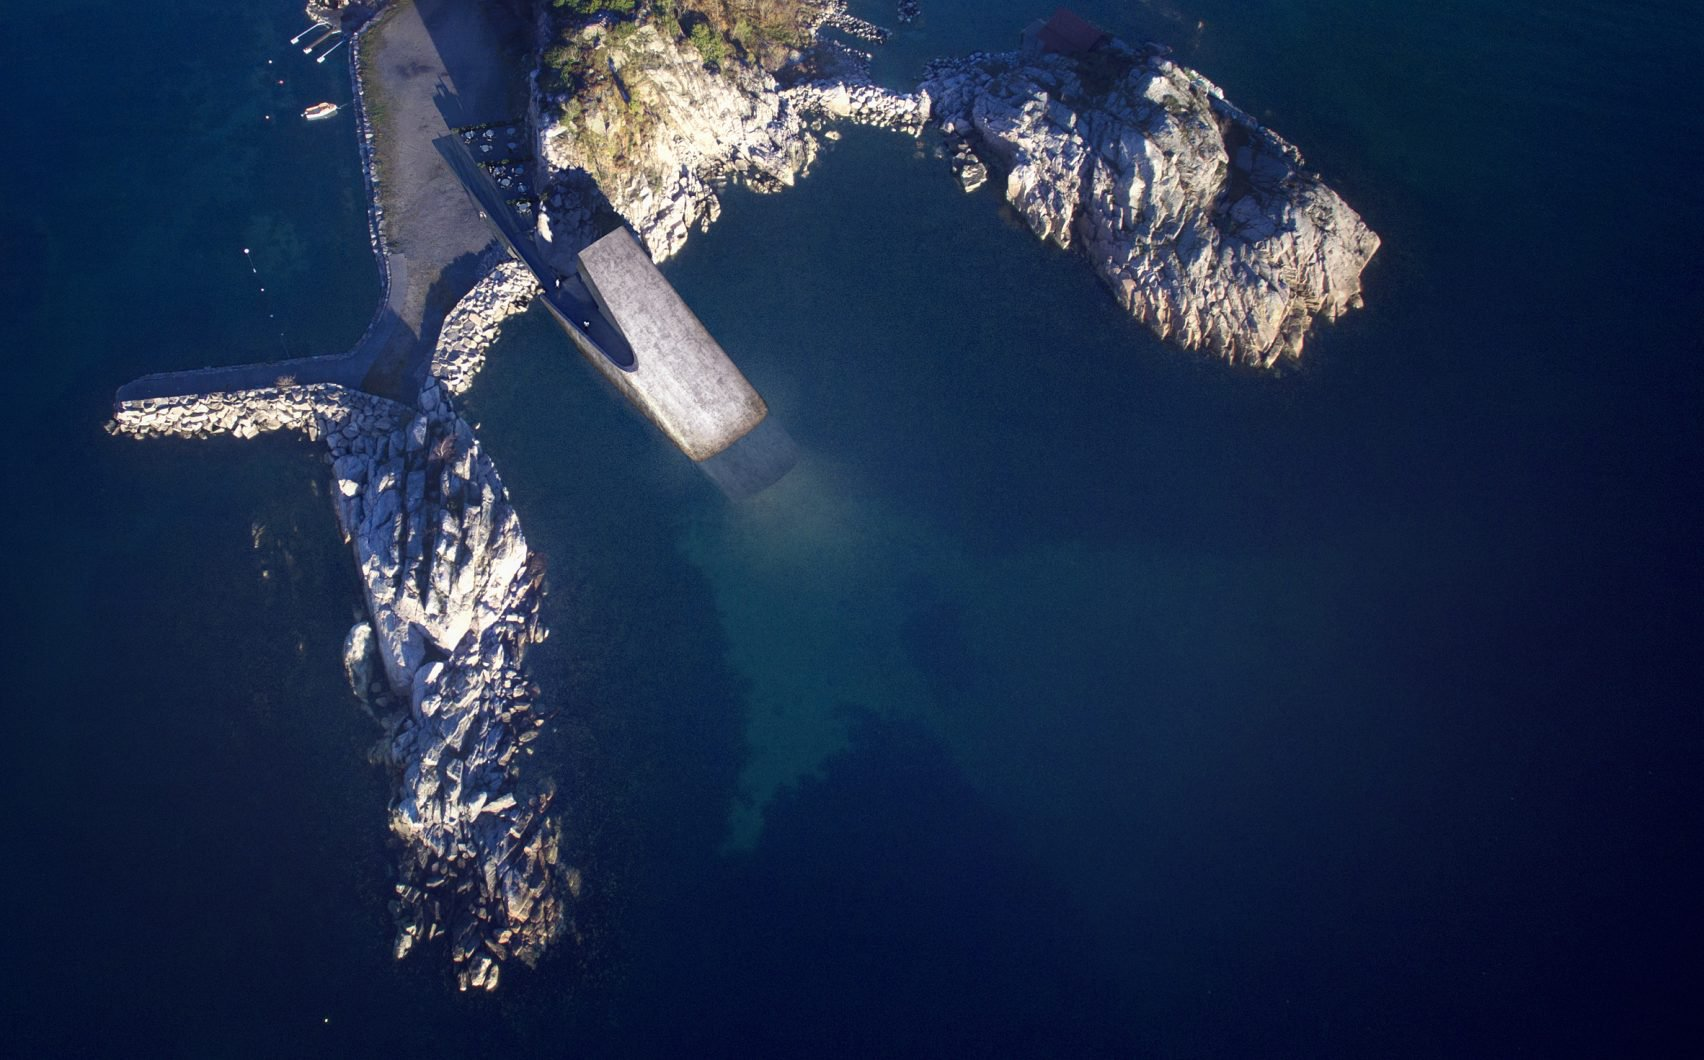 underwater-hotel-by-snohetta_dezeen_2364_col_0-1704x1060.jpg